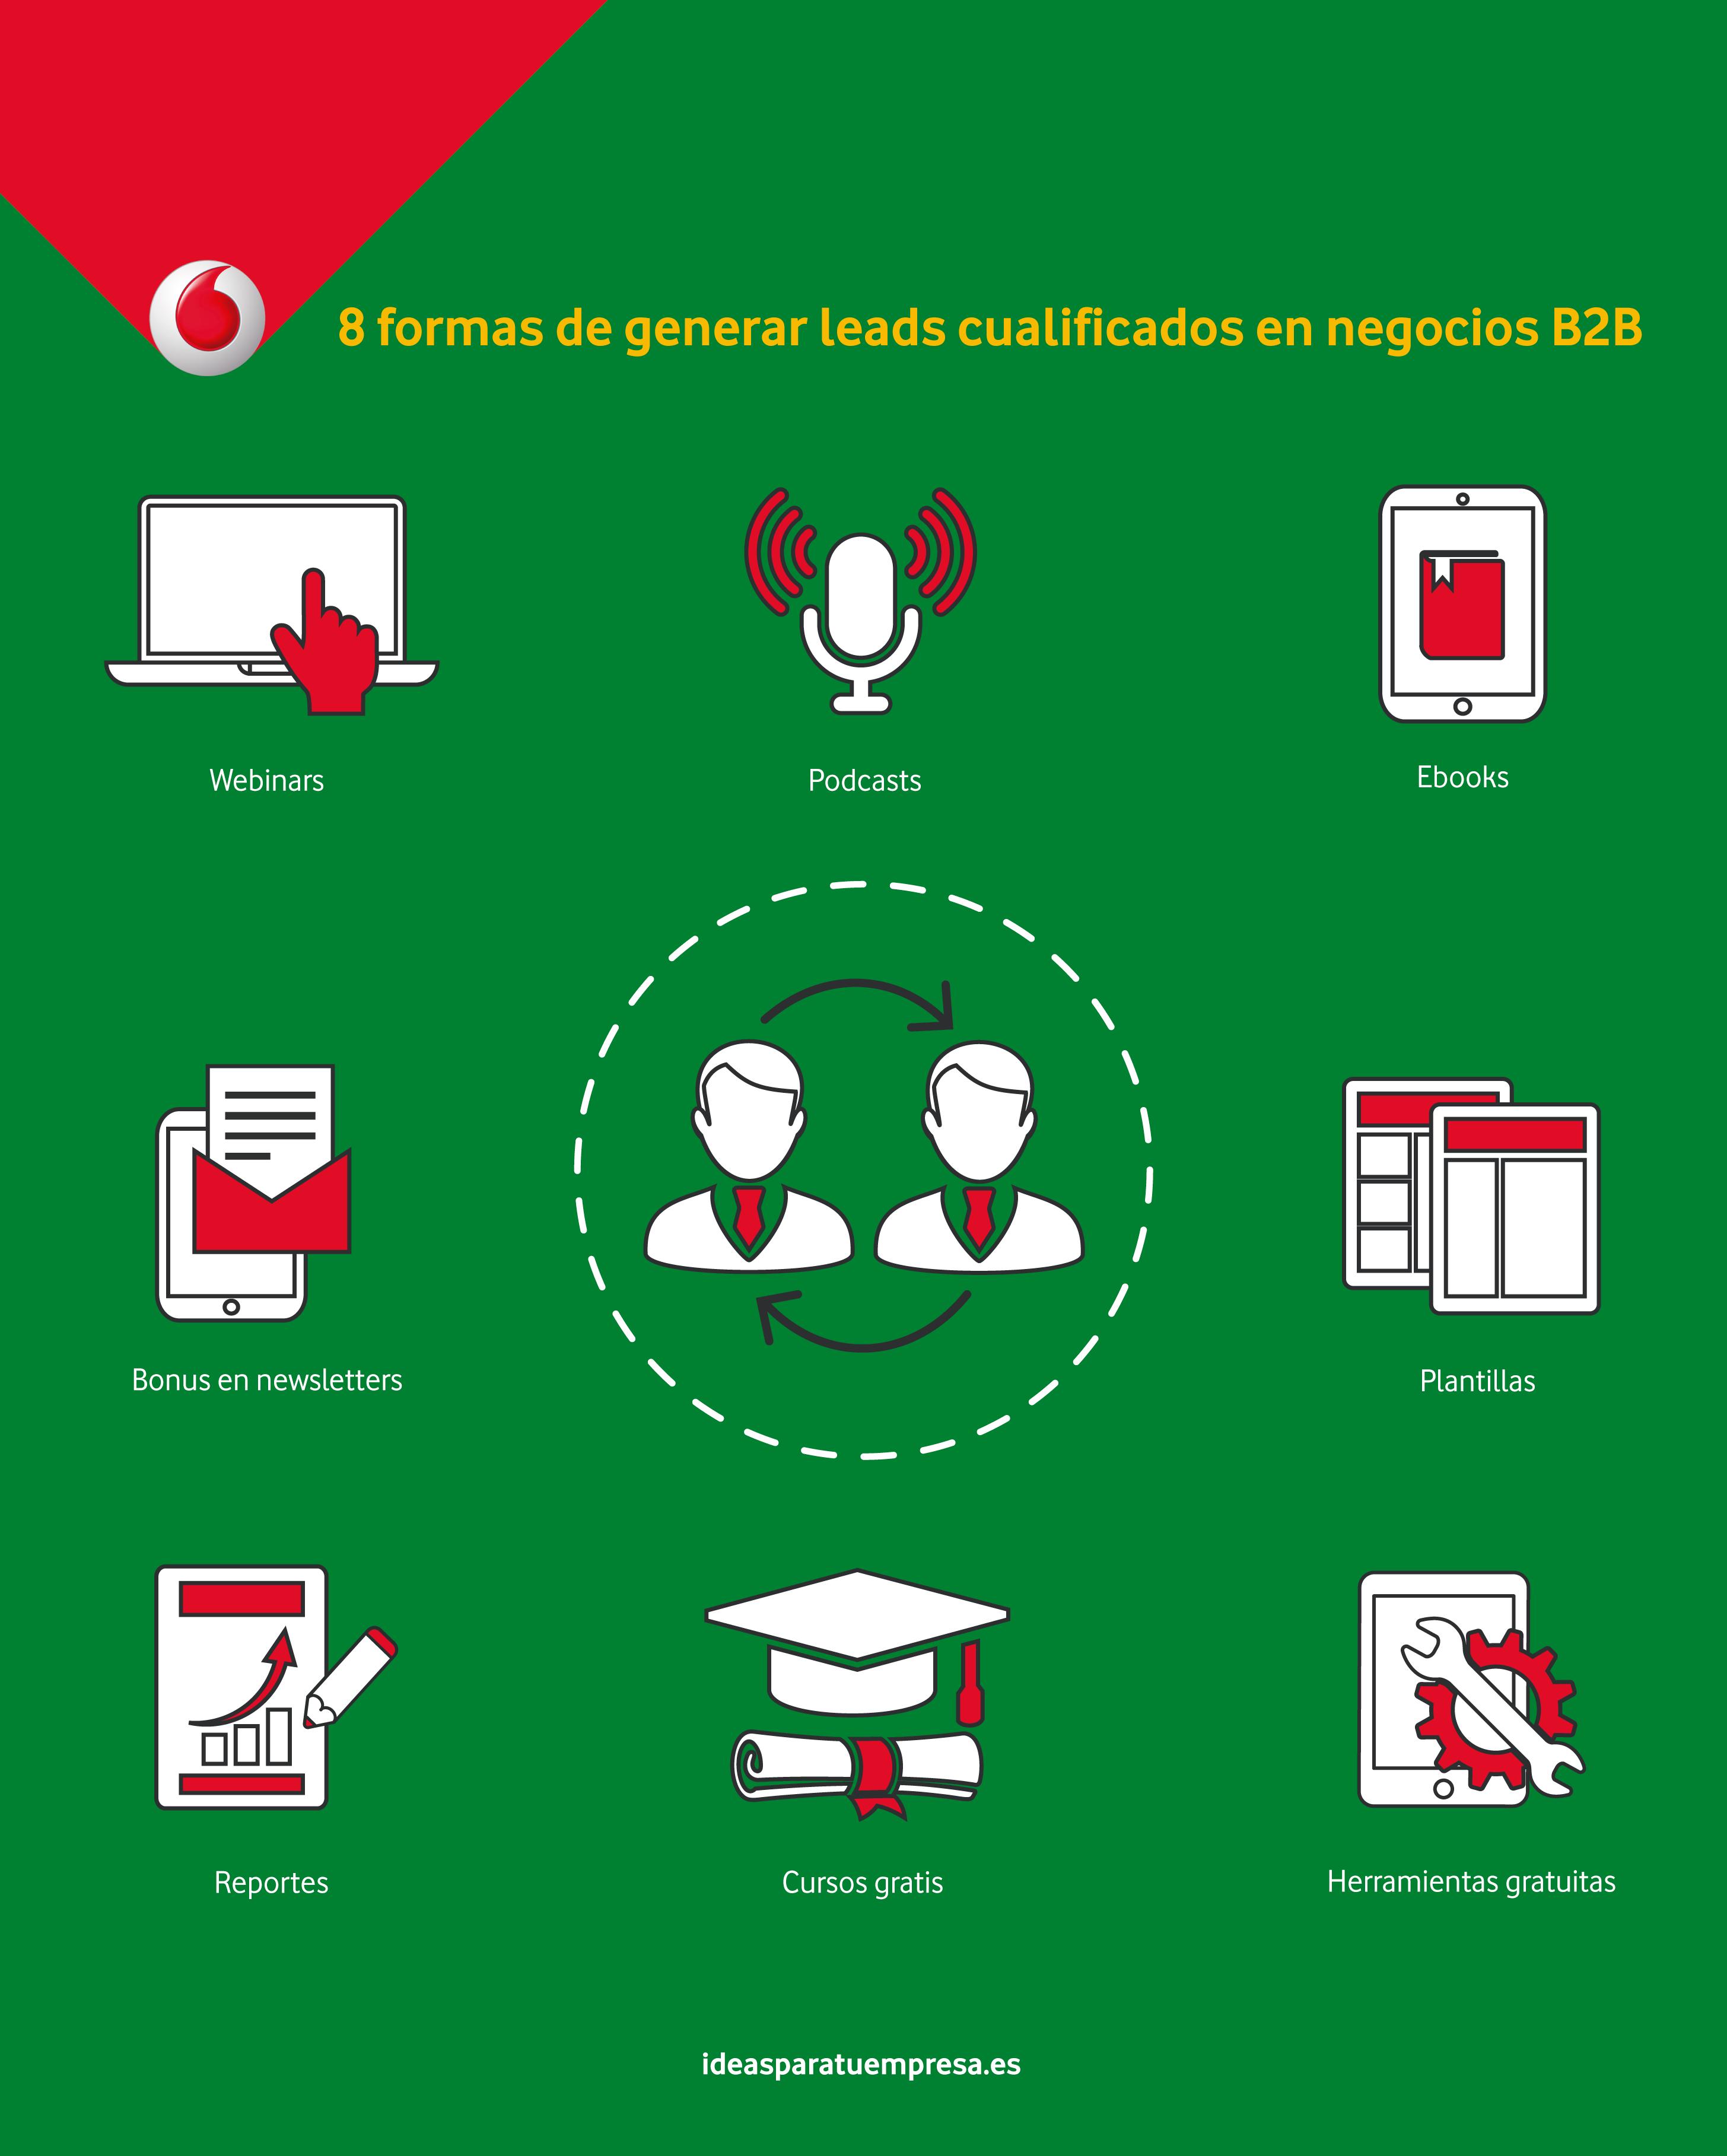 8 formas de generar leads cualificados en negocios B2B